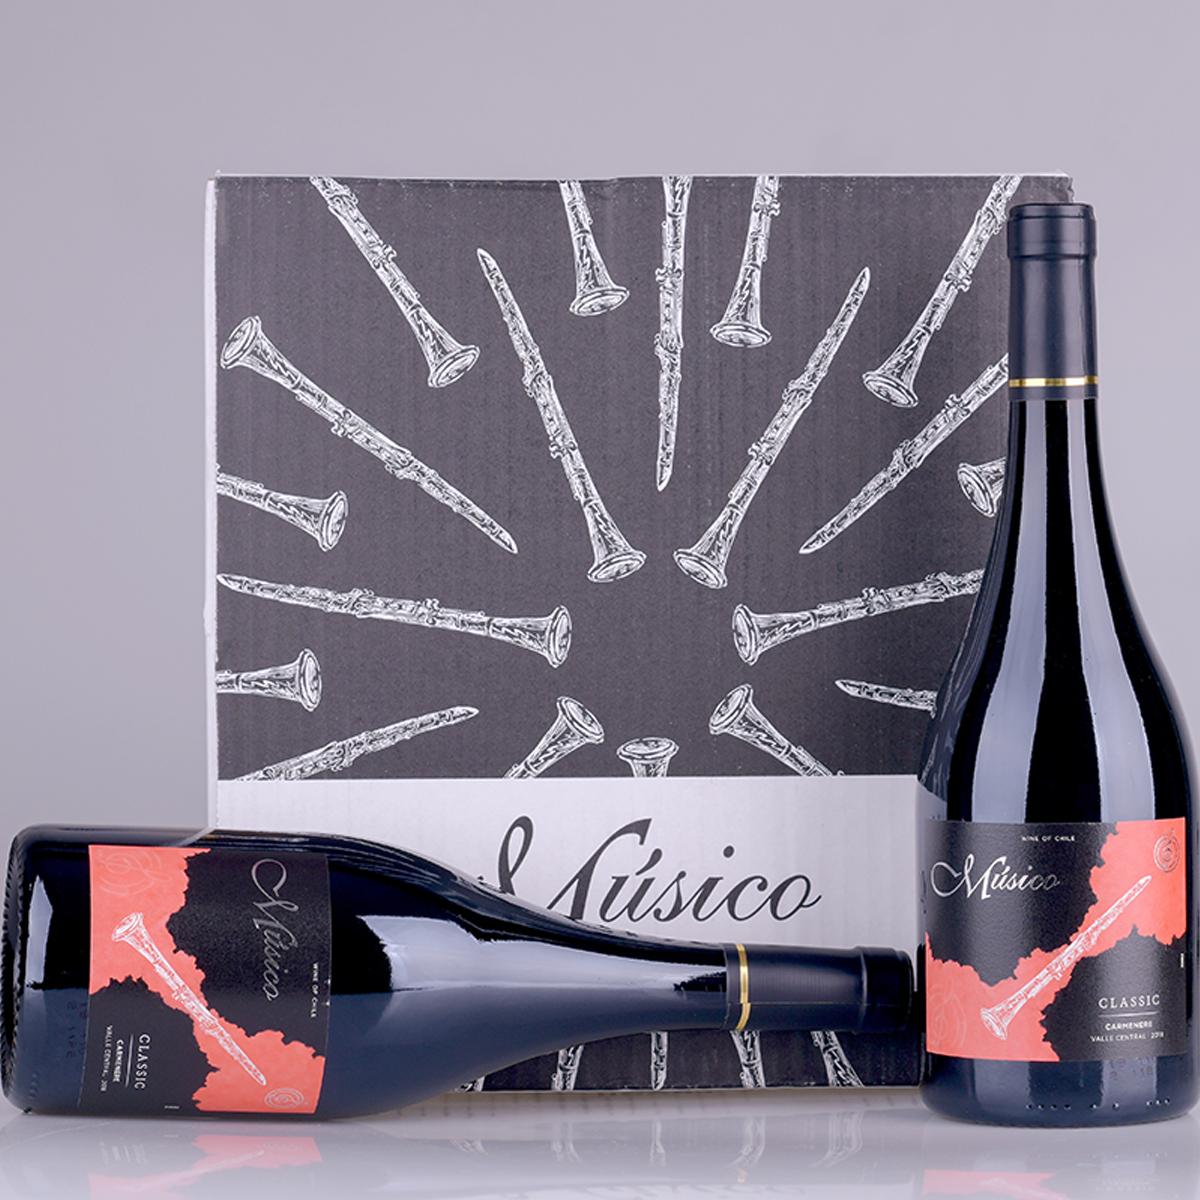 智利中央山谷Musico酒庄音乐家黑管佳美娜红葡萄酒